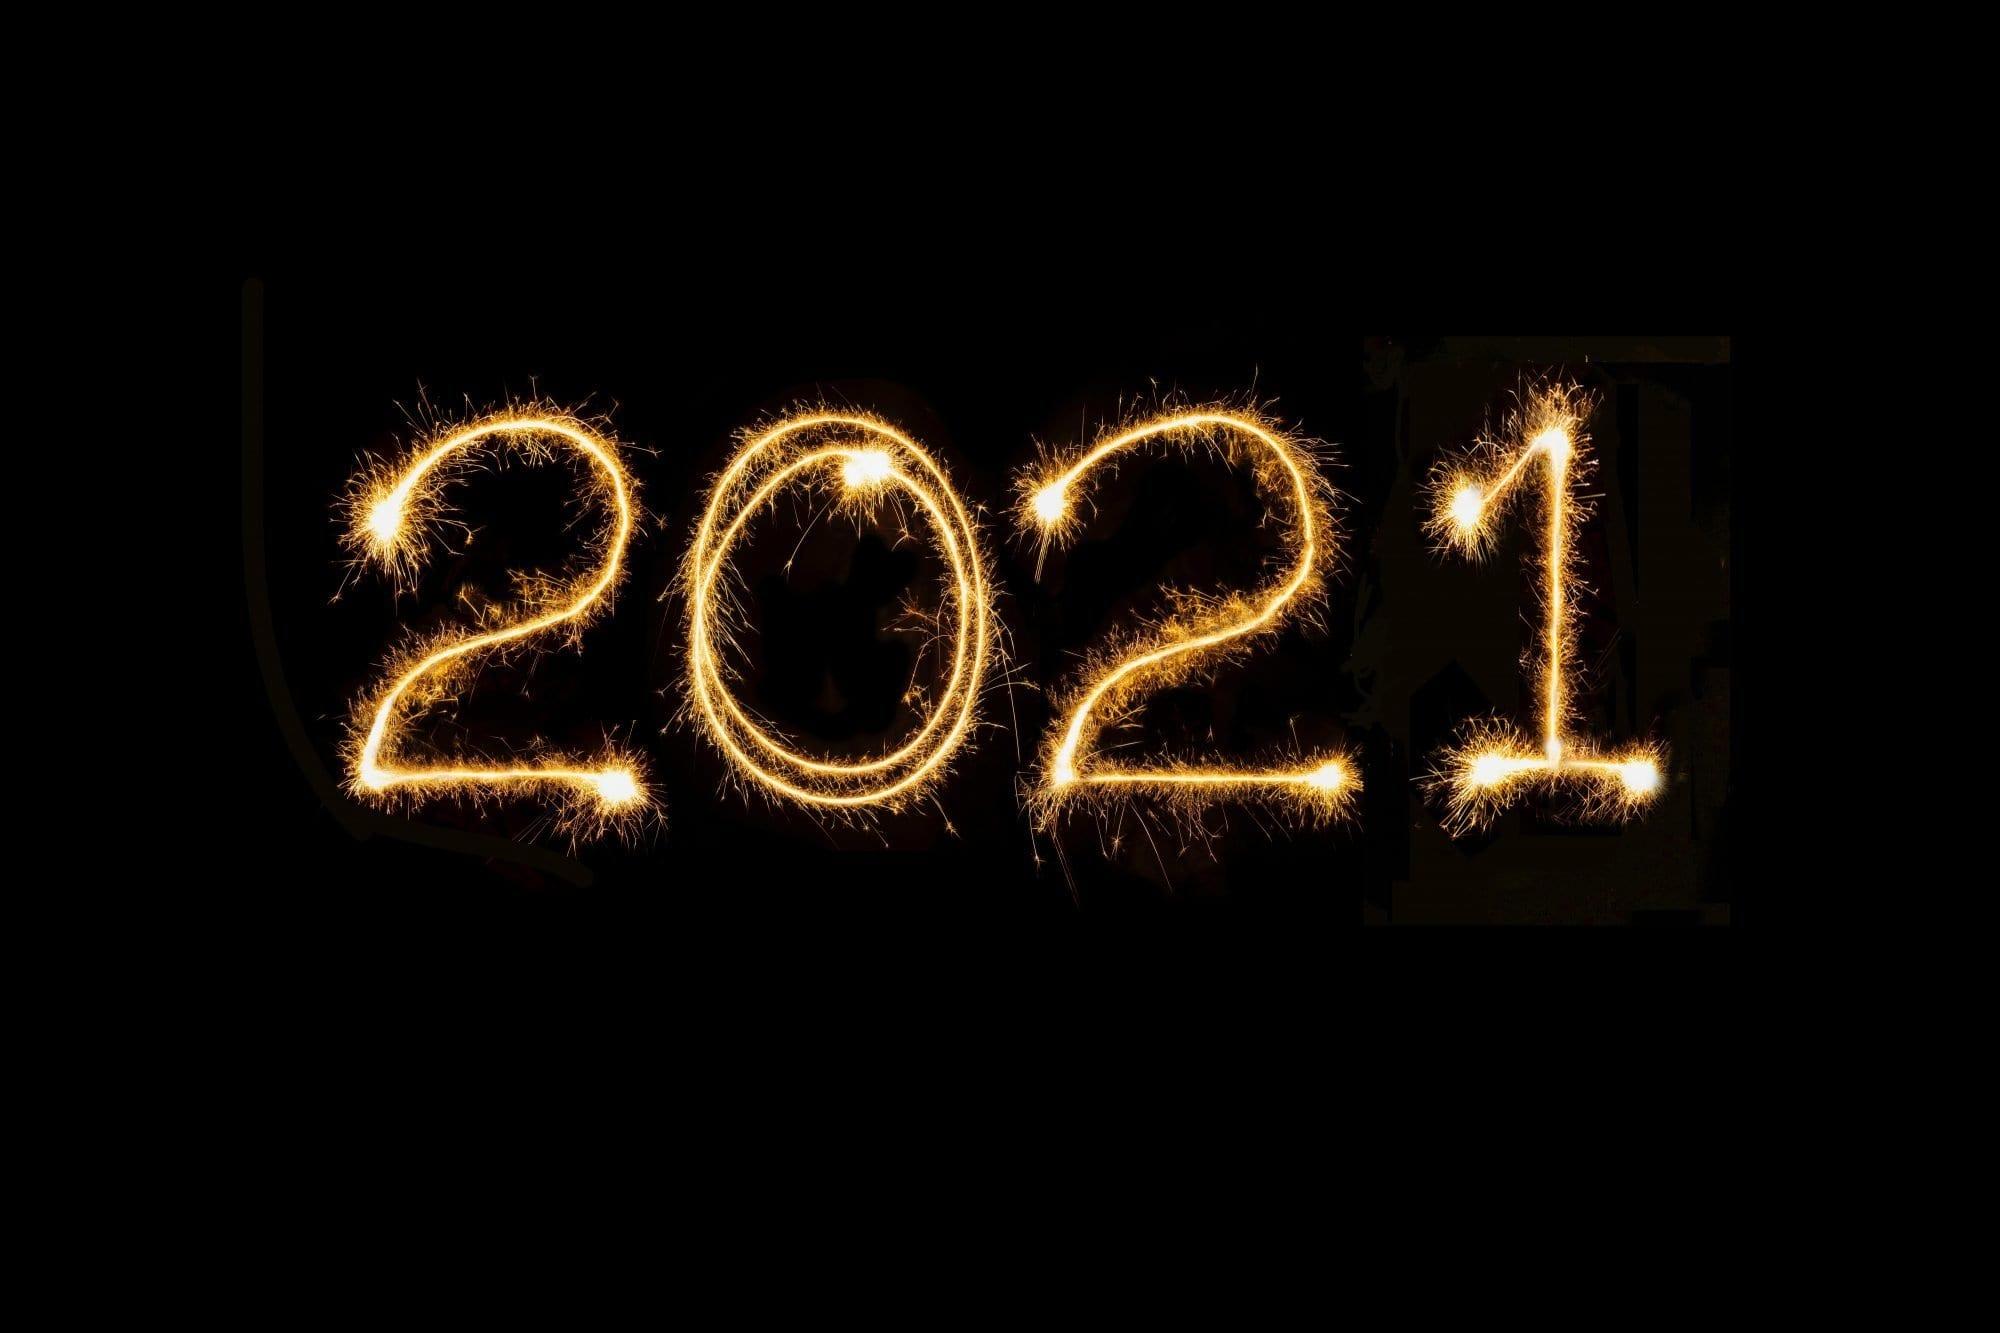 اعرفوا معانا توقعات الأبراج لسنة 2021